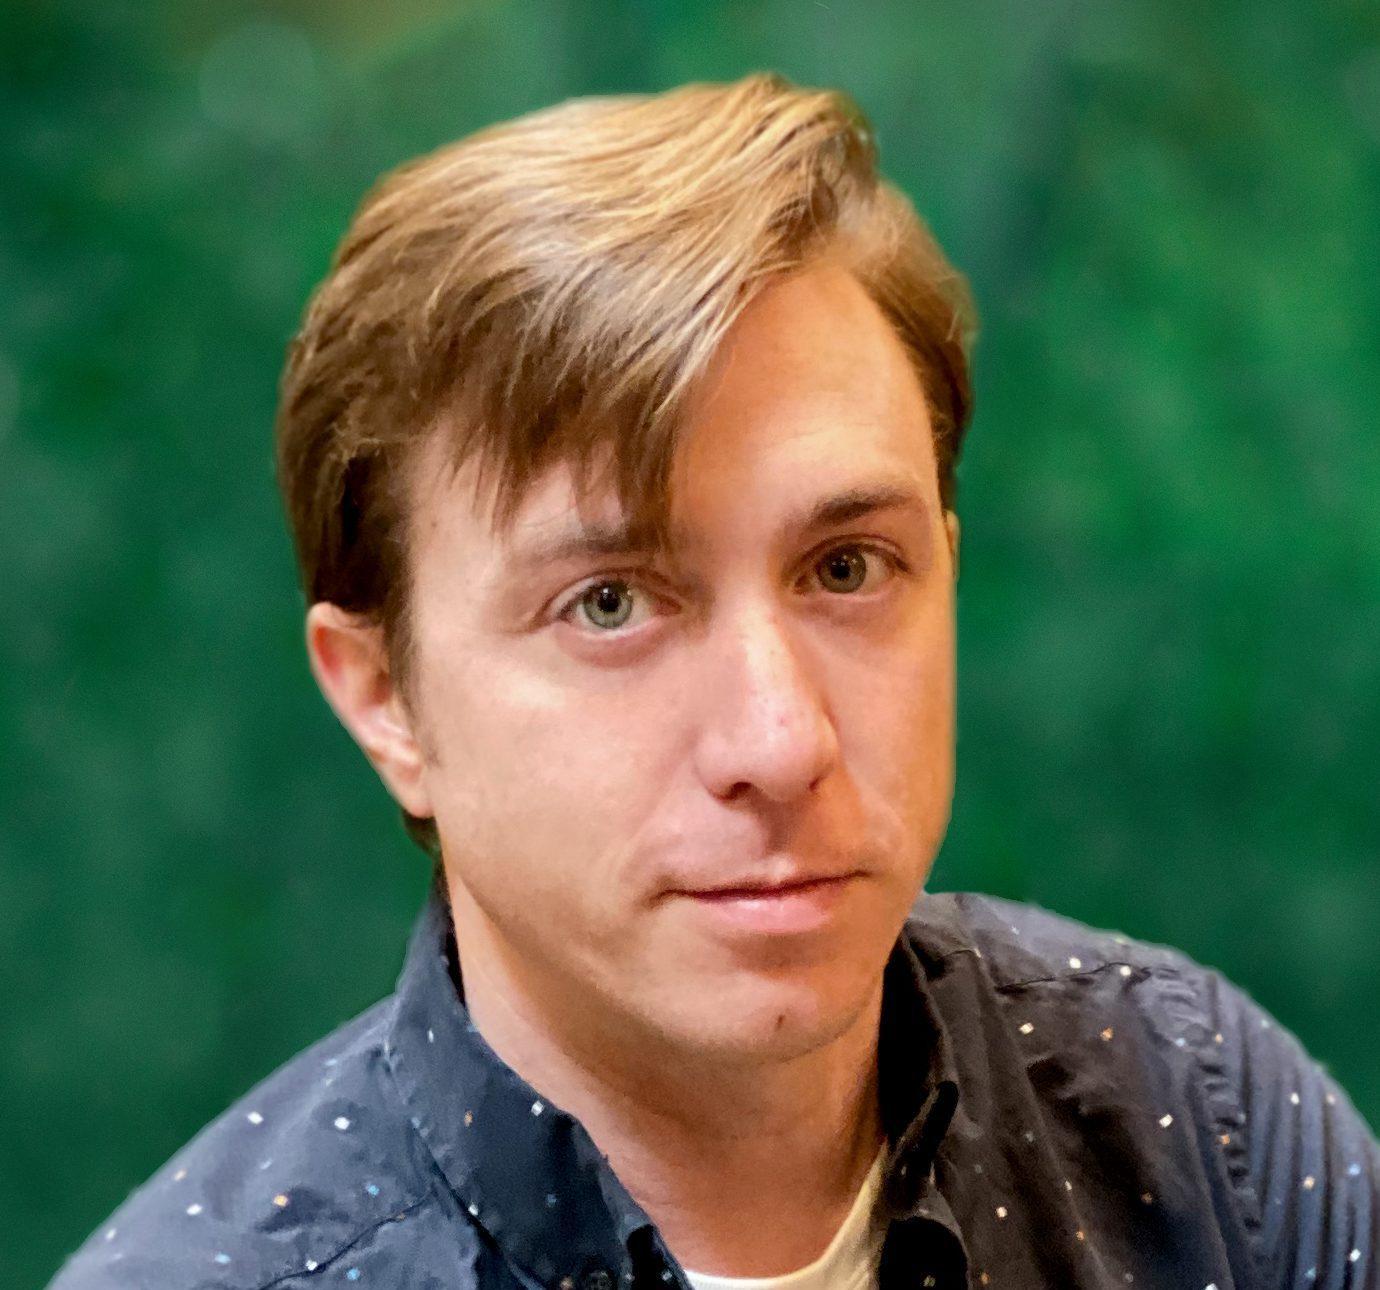 Chris Kornman